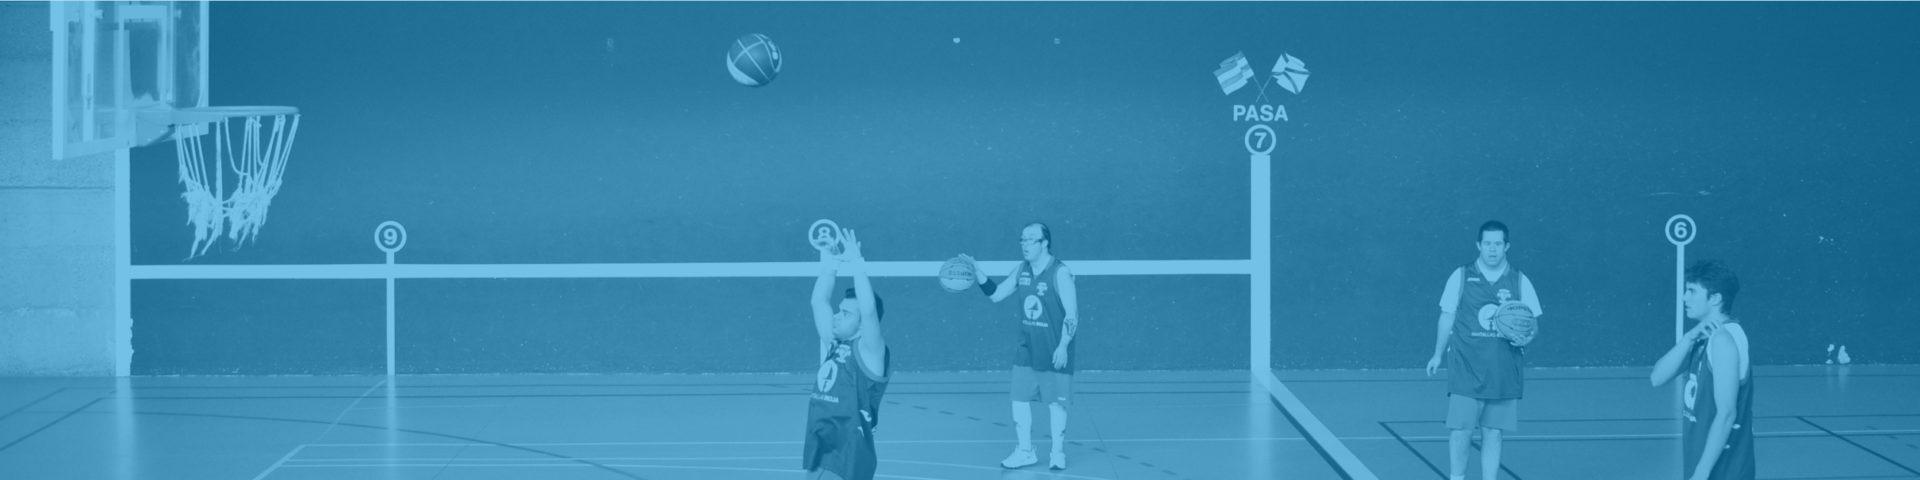 Jóvenes con síndrome de down jugando al baloncesto en una cancha deportiva